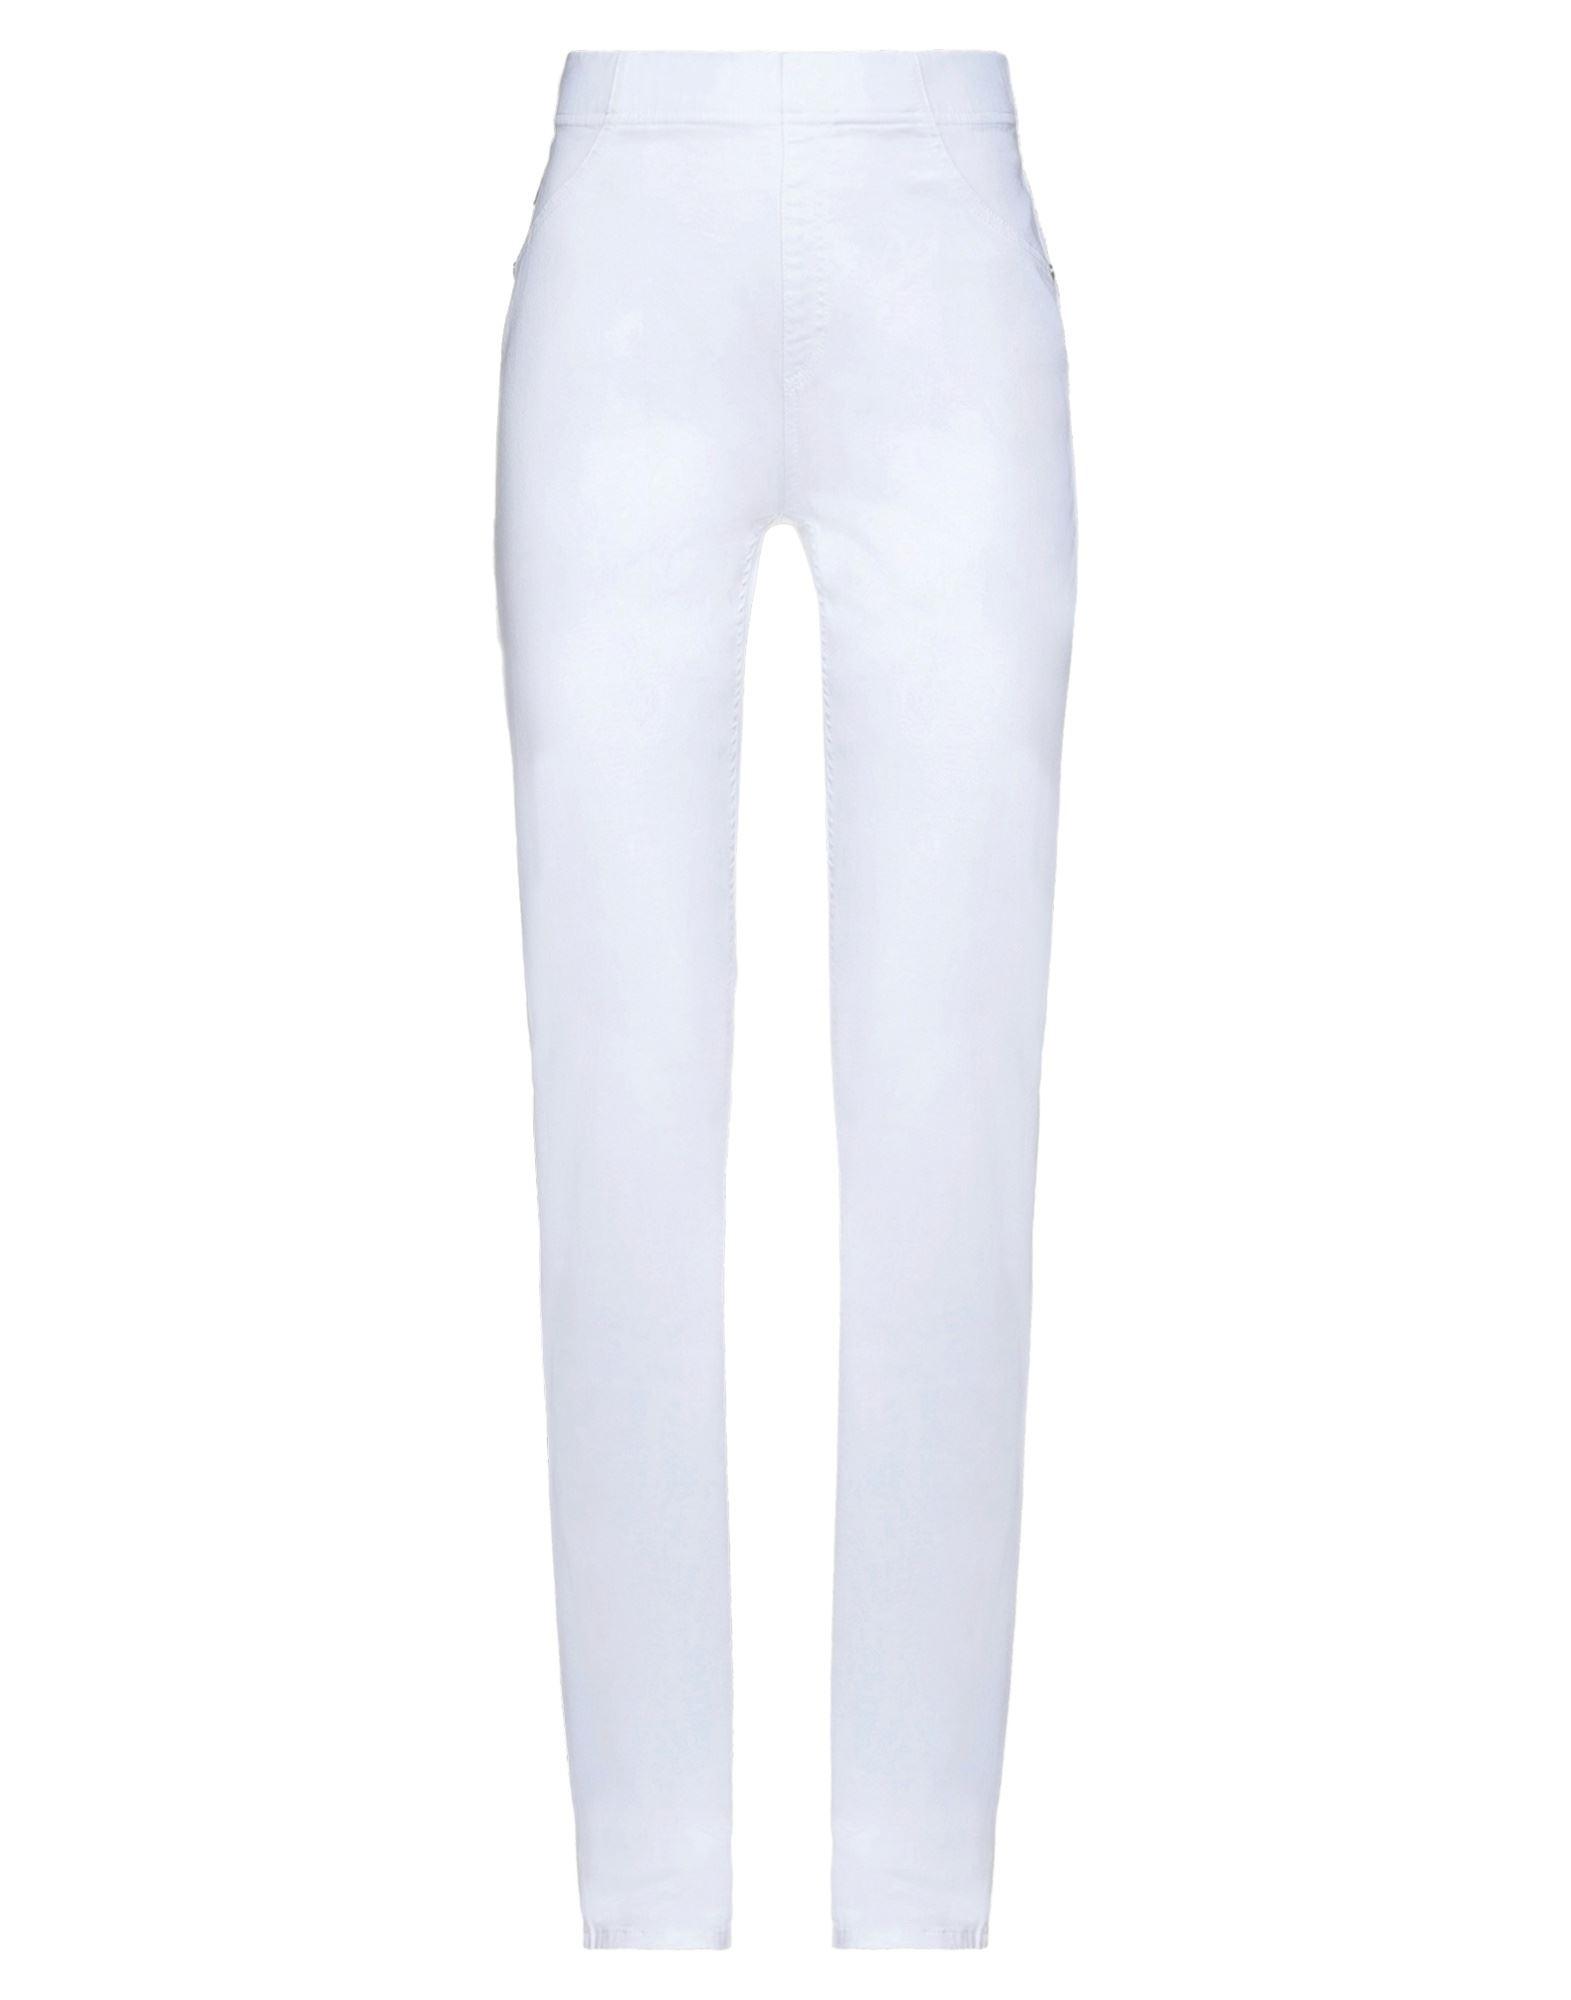 Фото - BIANCALANCIA Повседневные брюки biancalancia накидка